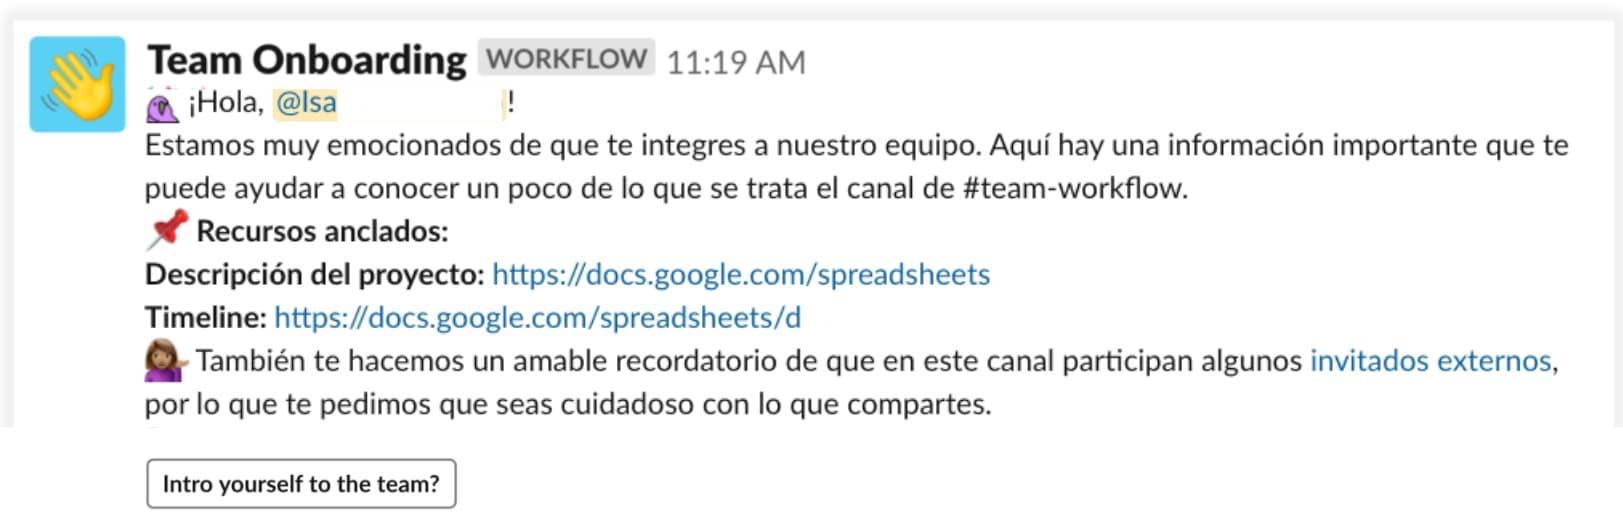 Cómo usar Slack: flujos de trabajo